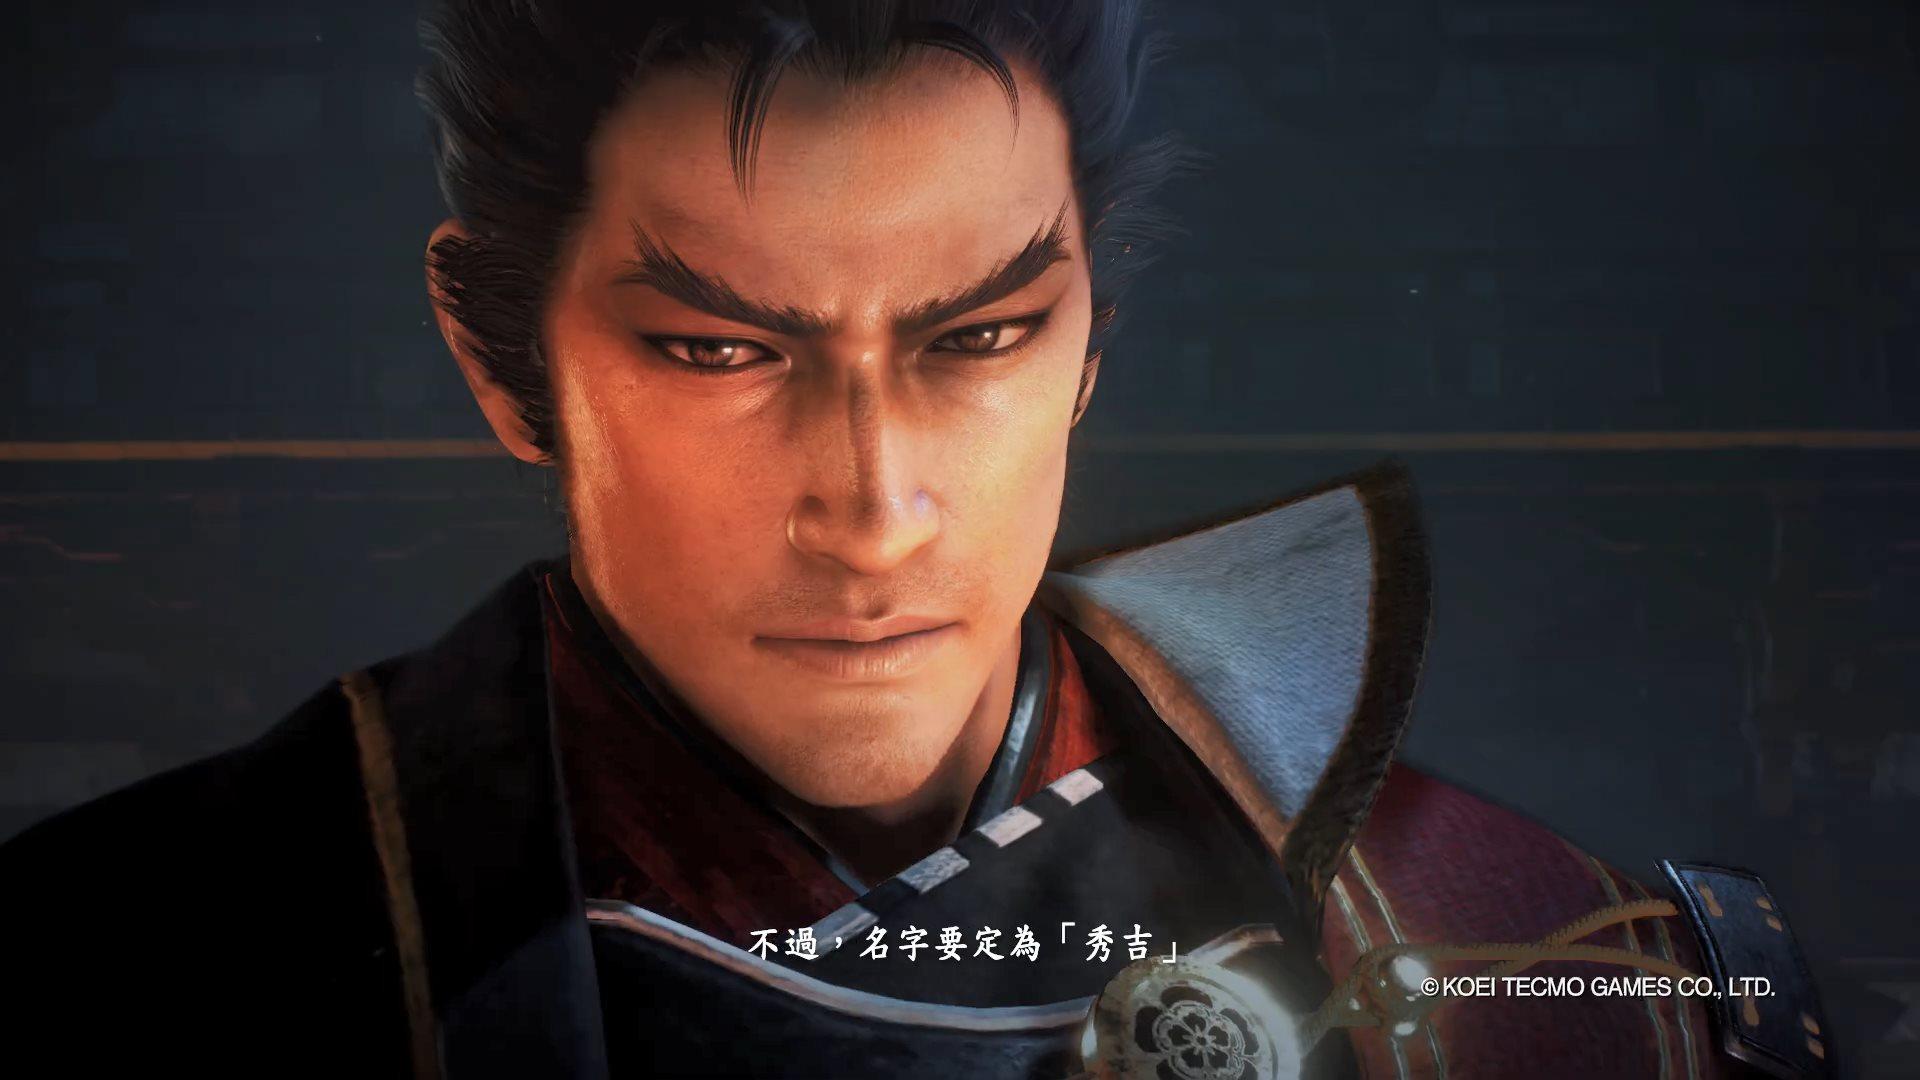 TGS:《仁王2》2020年初推出 新中文预告片公布